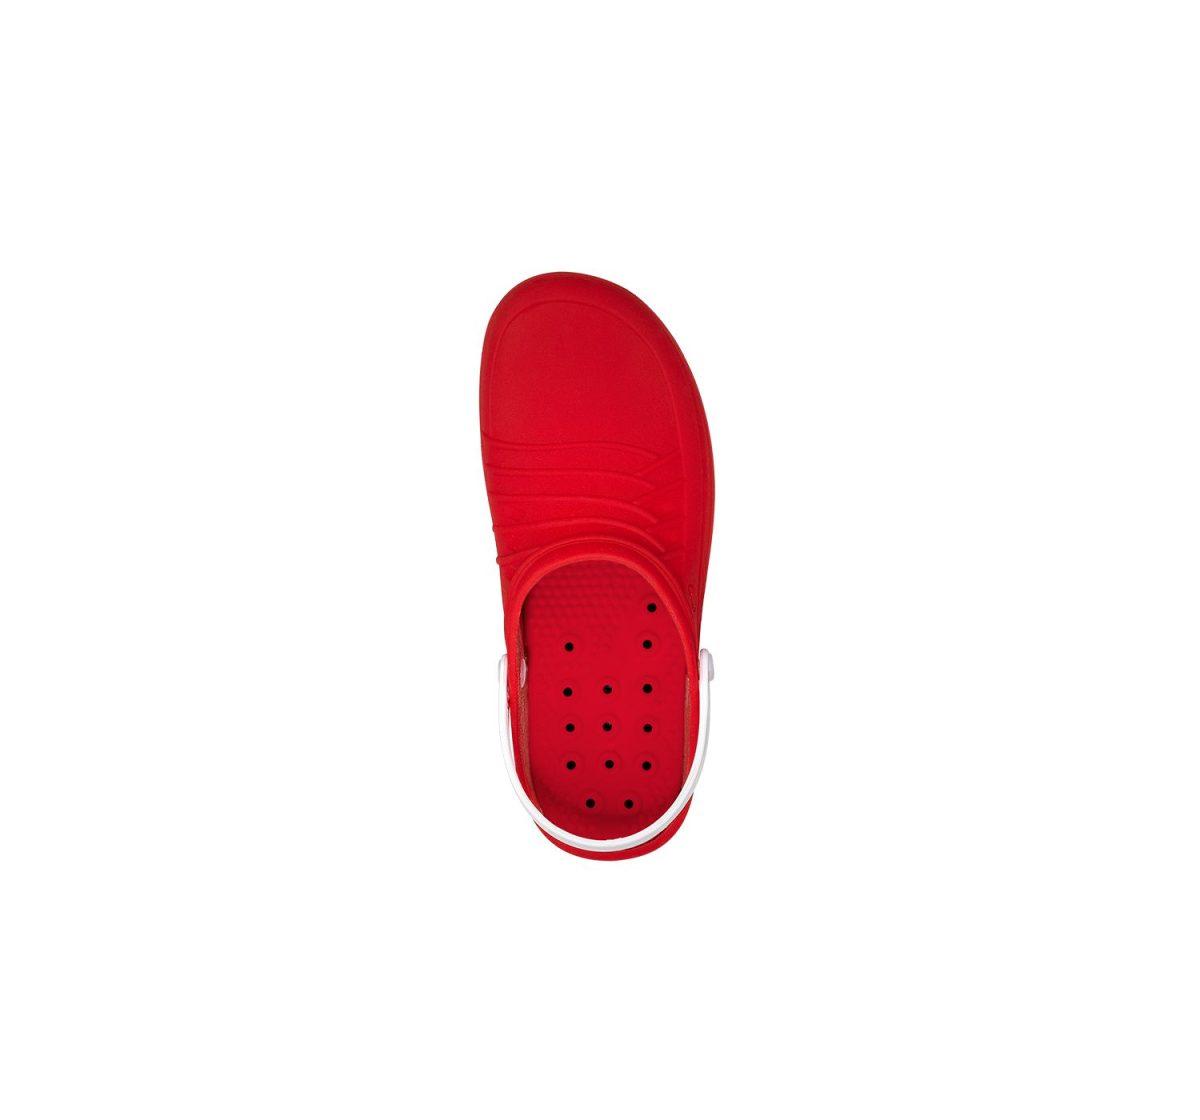 wock-clog-klumpa-piros-2020-02